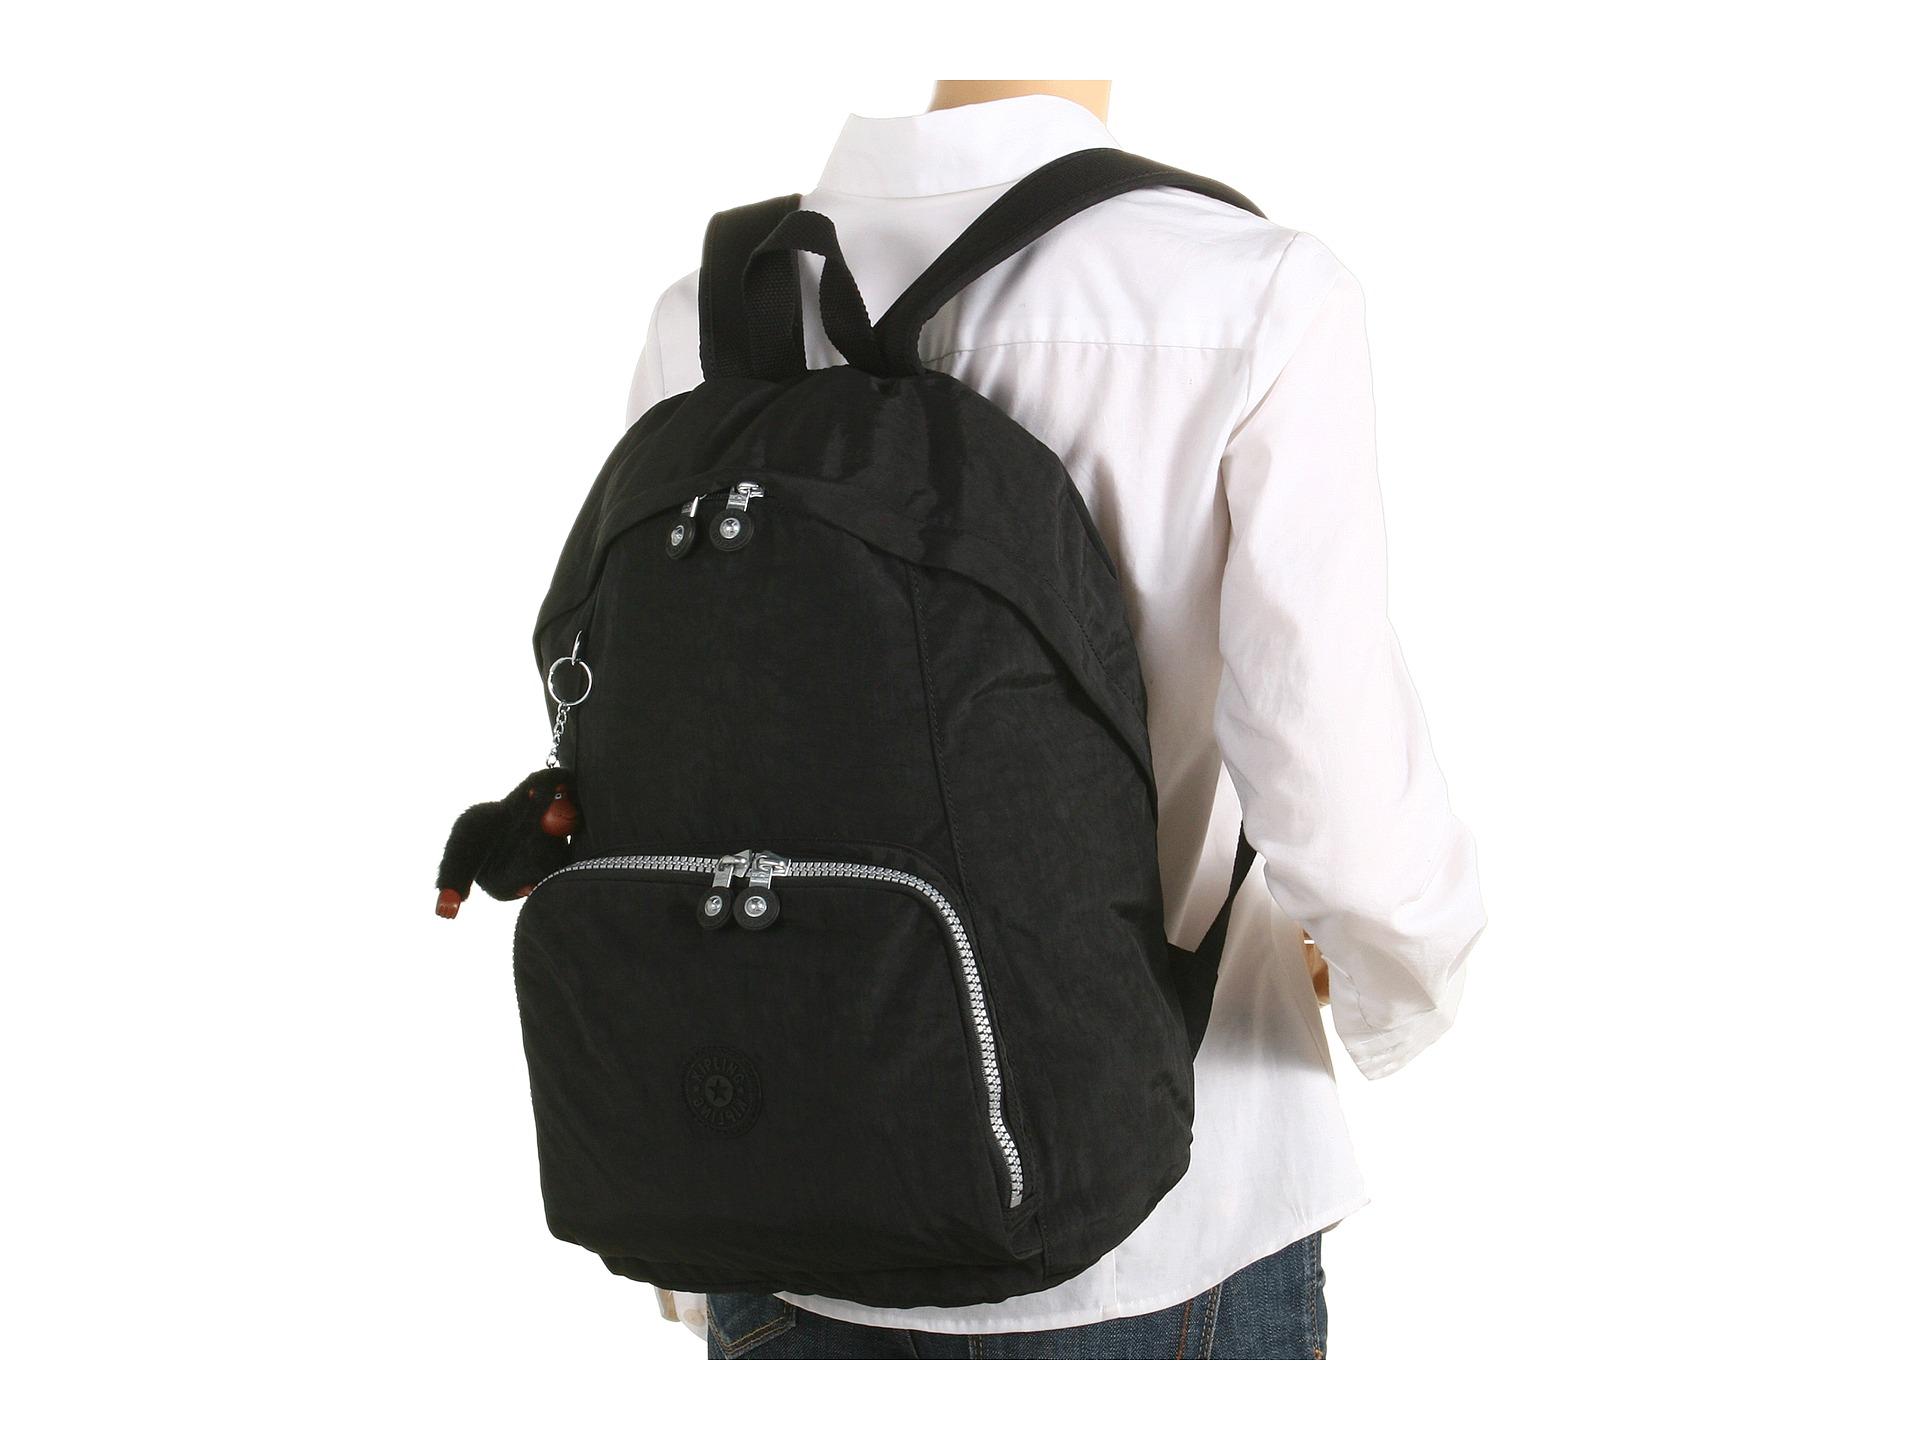 Kipling Bags Backpacks Kipling Luggage Sanaa Wheeled